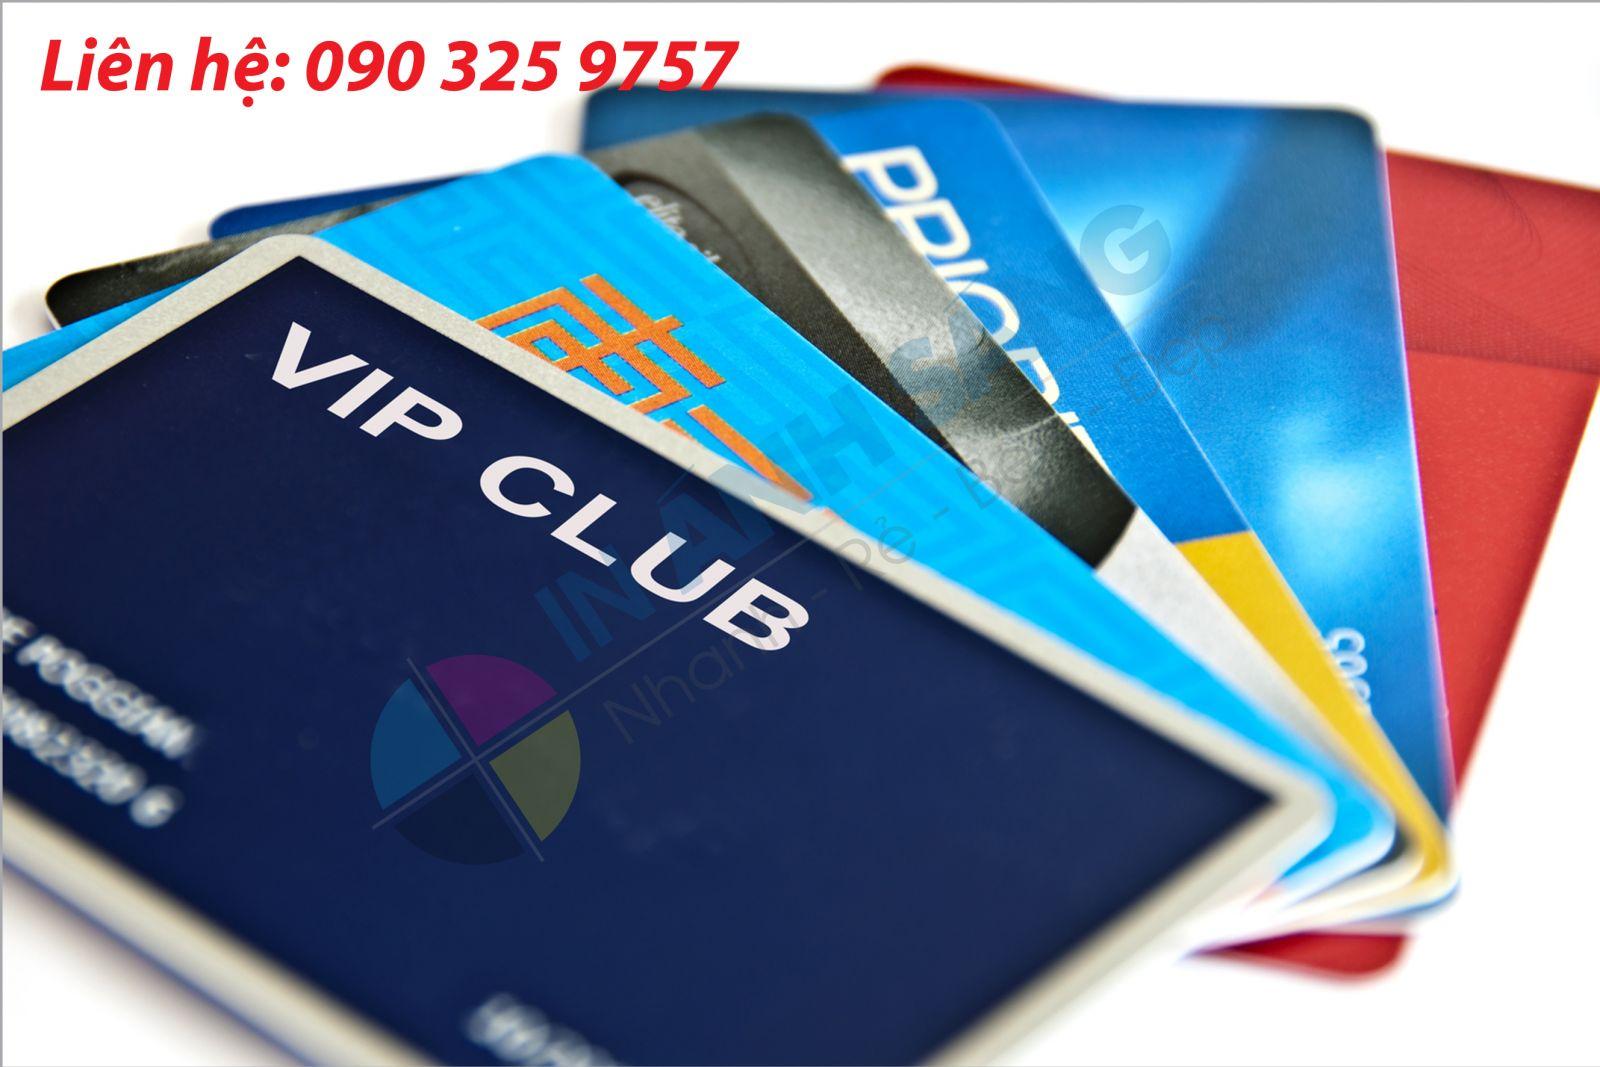 Lợi ích và dịch vụ in thẻ nhựa giá rẻ tại Ánh Sáng